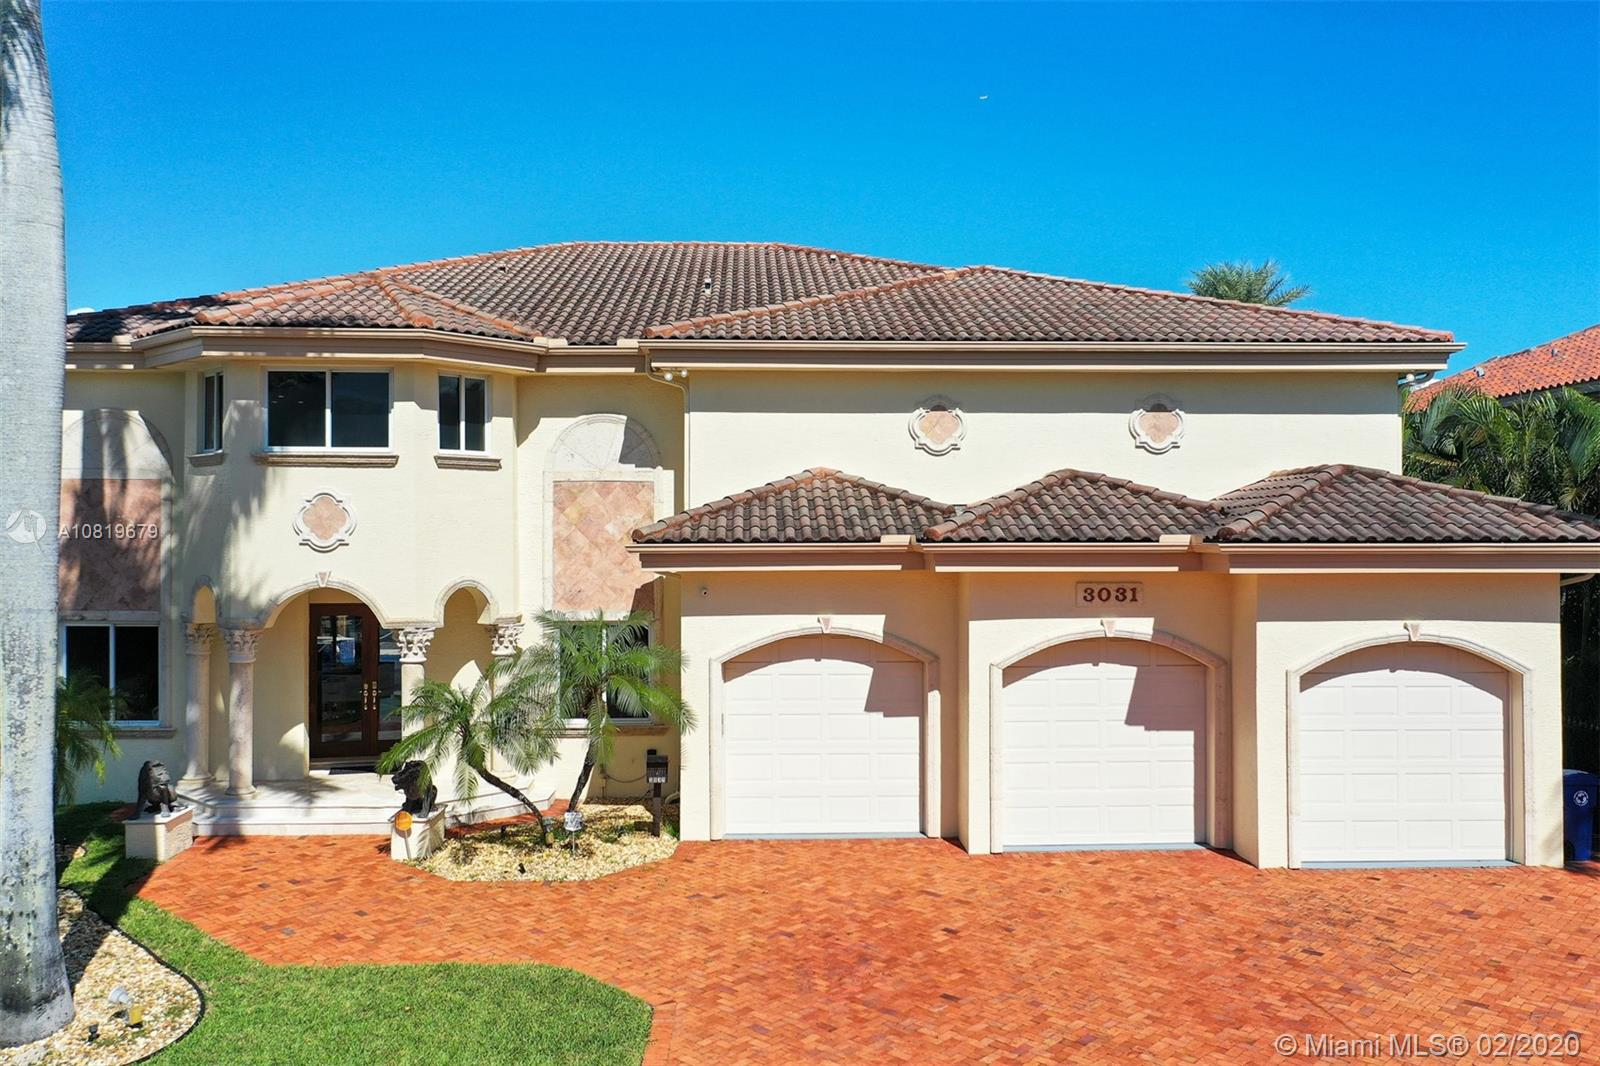 3031 NE 23rd Ct, Fort Lauderdale, FL 33305 - Fort Lauderdale, FL real estate listing